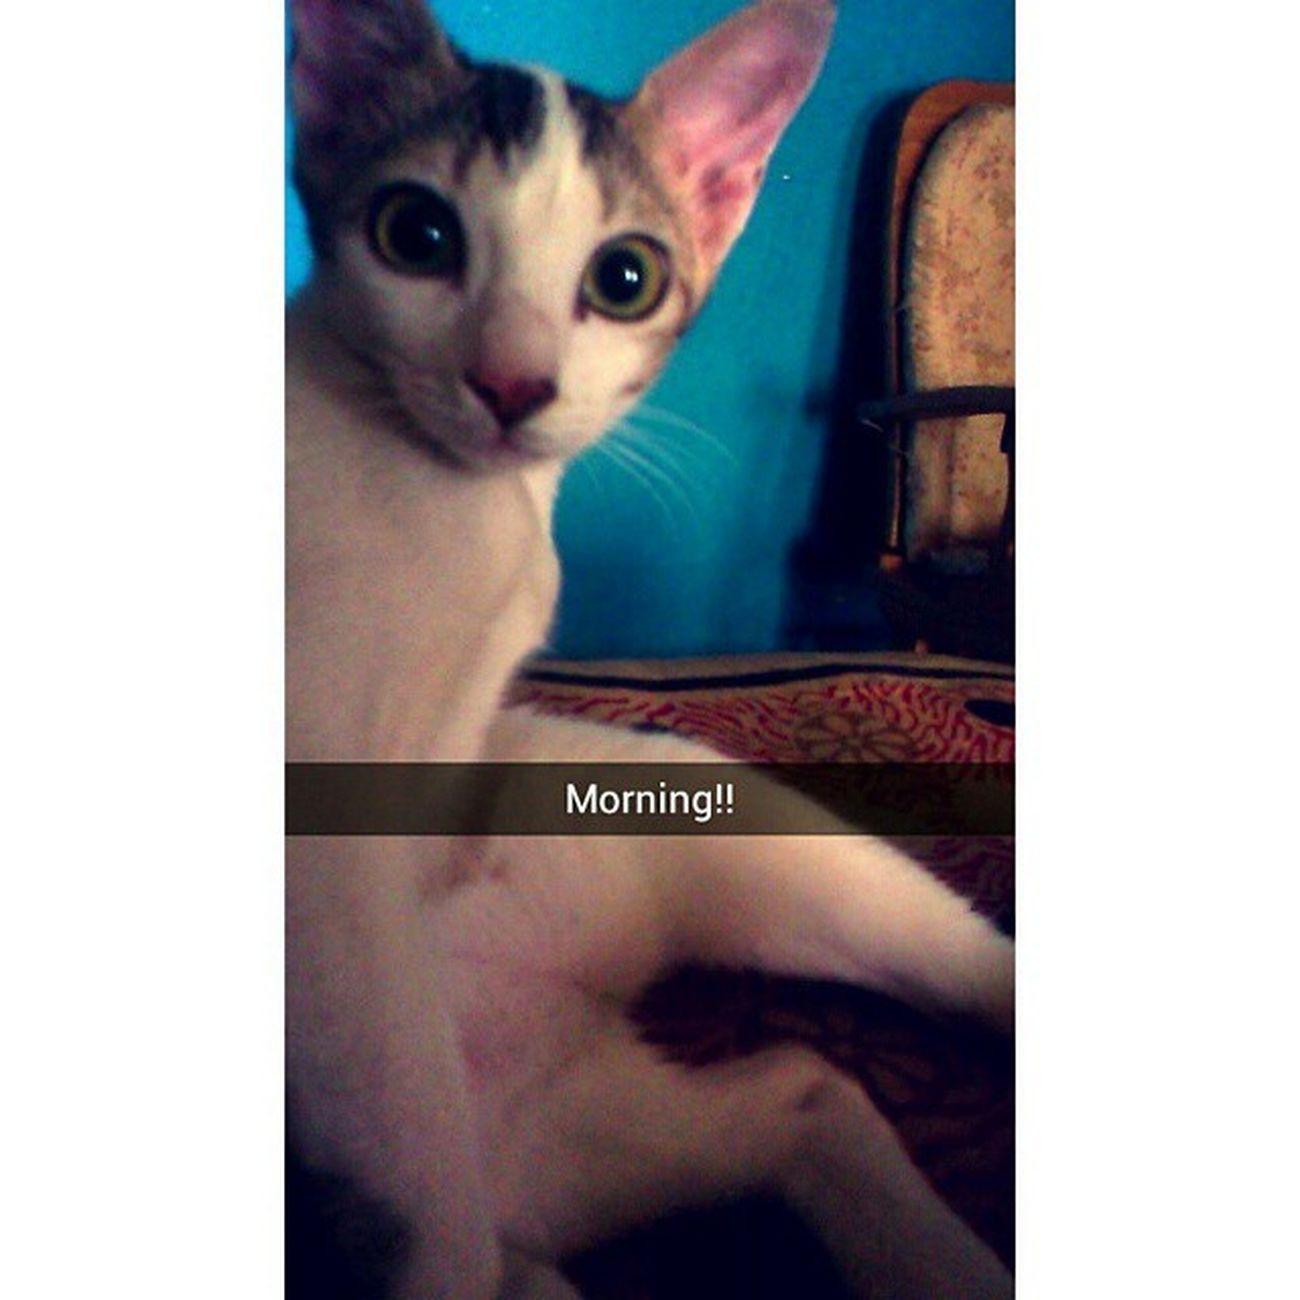 Snapchat Cat Catlovers . Petstagram @TagsForLikes Snap Chat Tagsforlikes Snapchatme Tflers Snapchatmenow Snapchatit Snapchatster Instagood Snapchatmeimbored Photooftheday Snapit Snapchatmemaybe Instasnapchat Letssnapchat